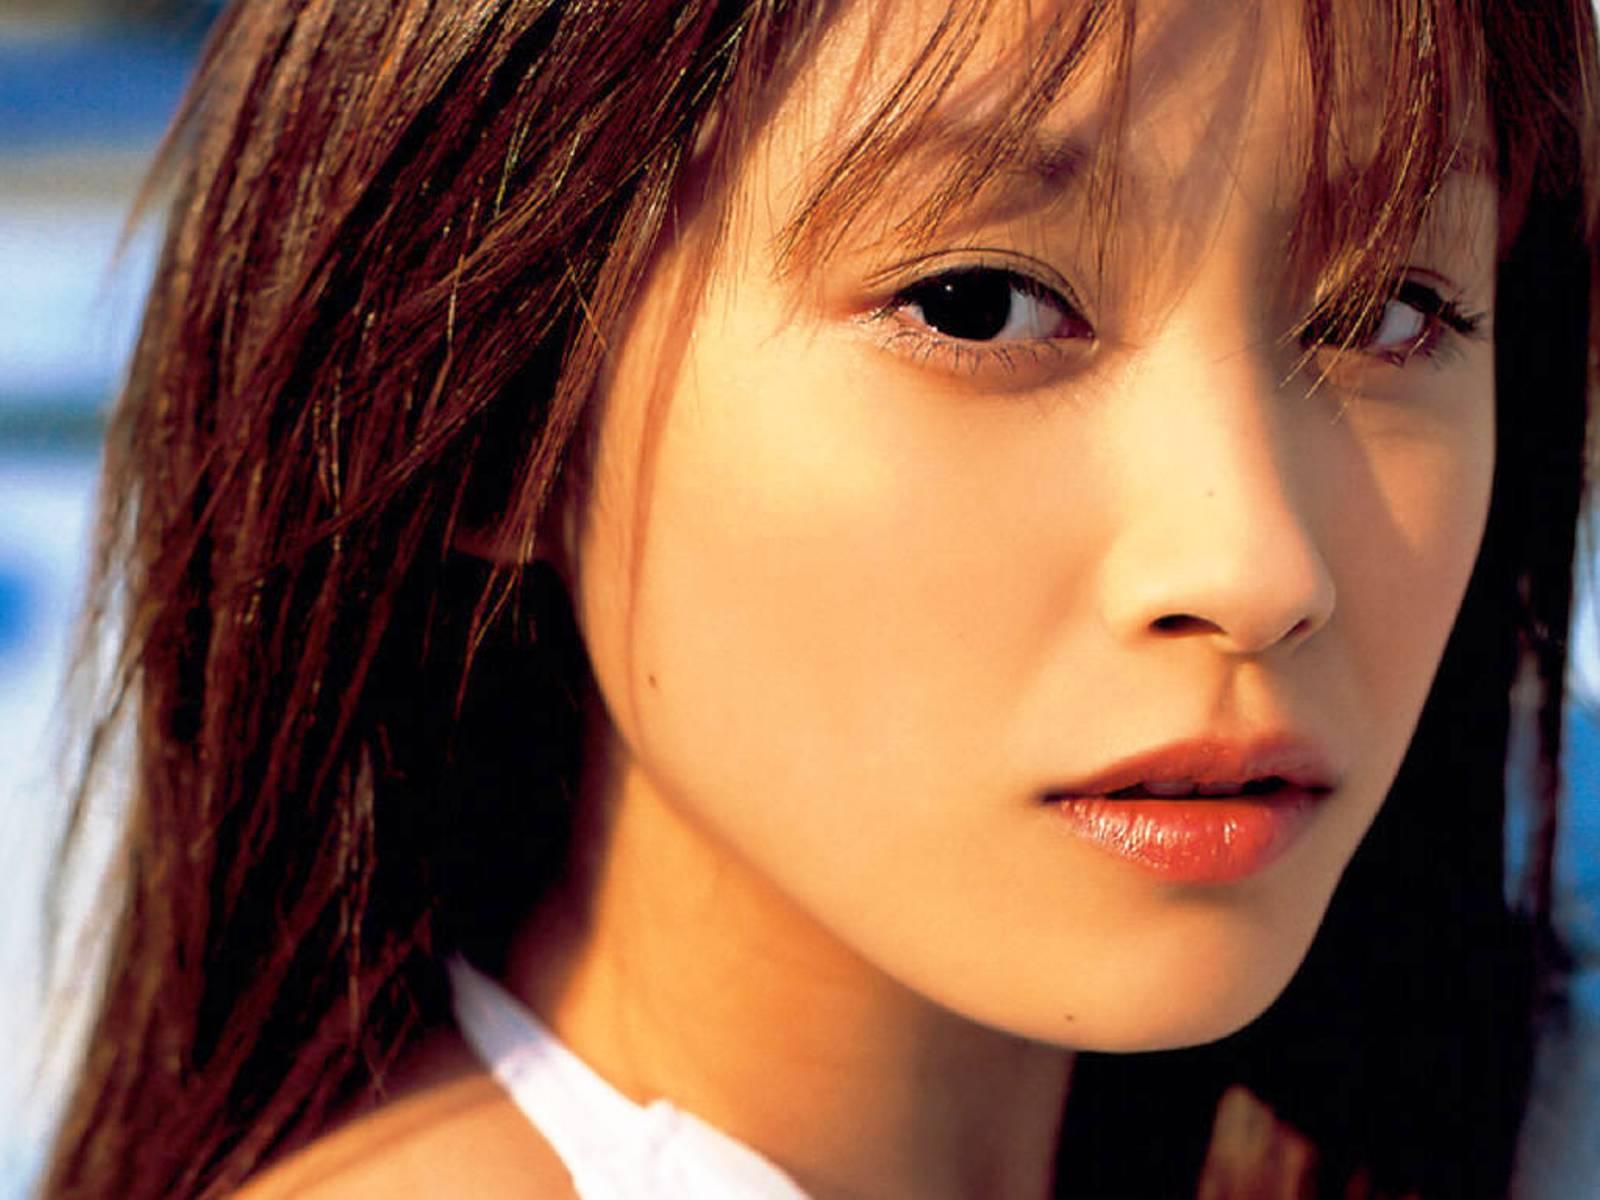 Японки красавицы фото 5 фотография